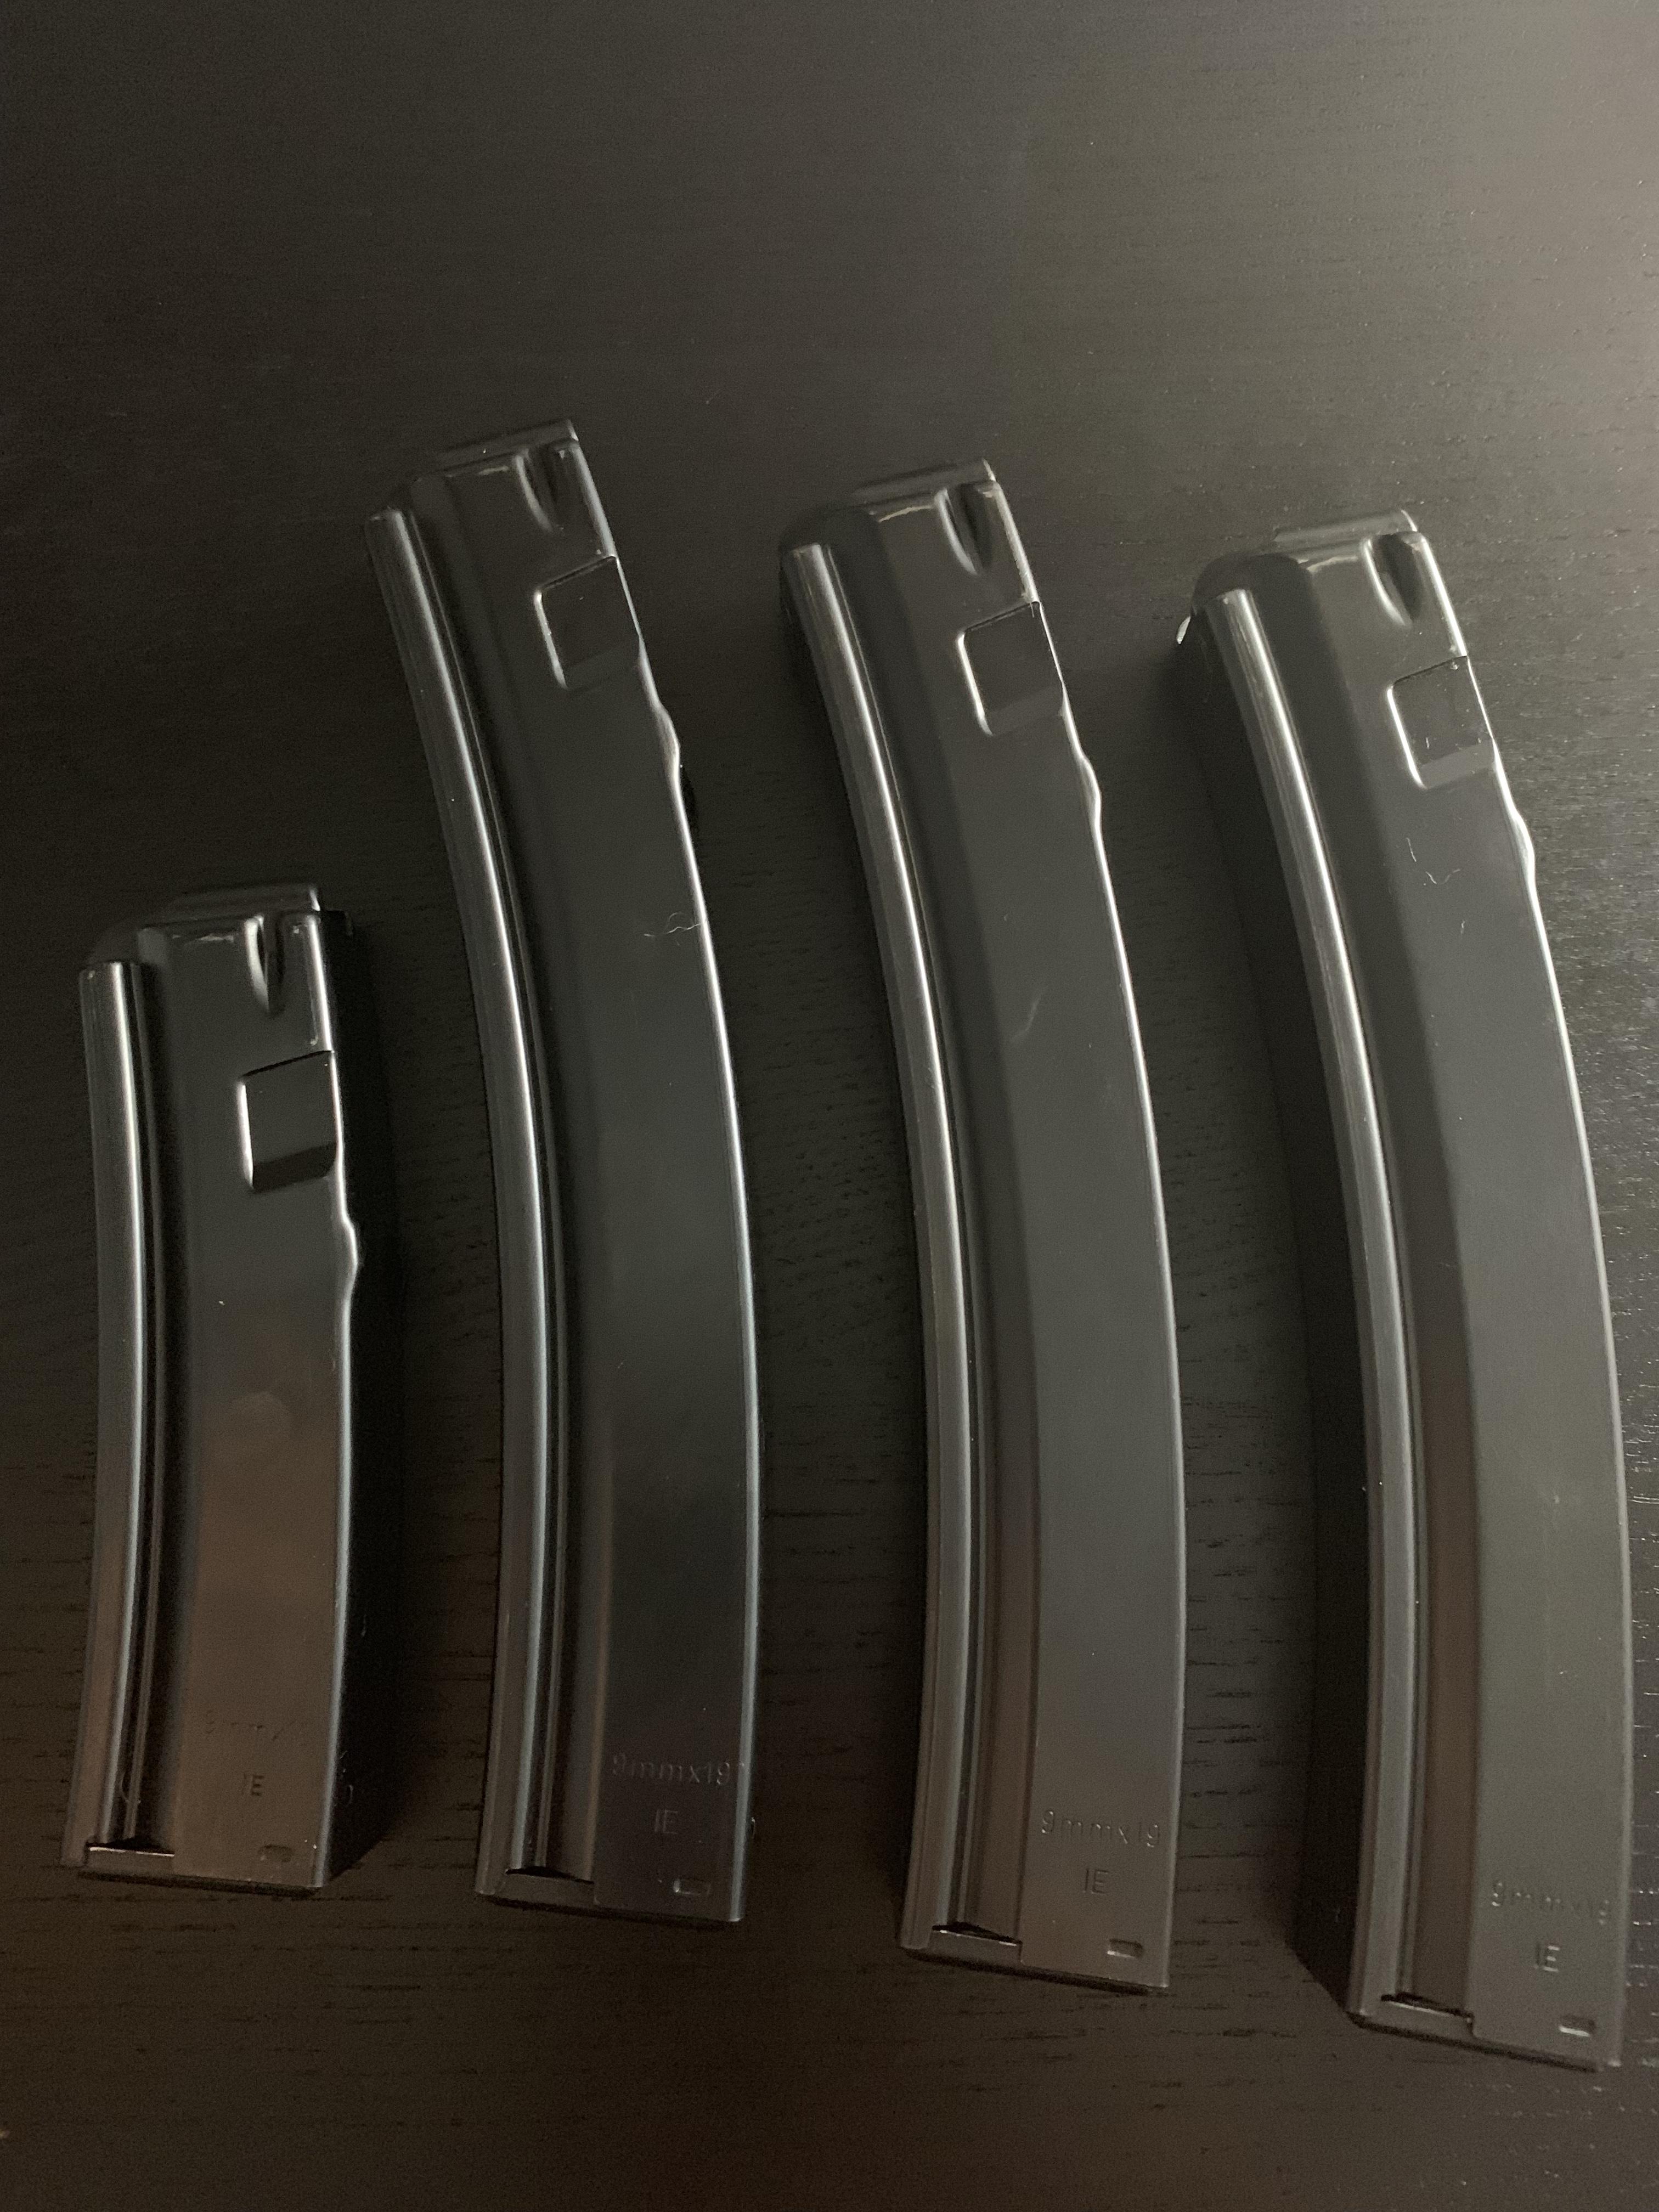 WTS: MP5 pre ban mags,HK coupler,UMP buttstock-e2b0bc4e-7e26-446b-bec2-0cbf29a9aa6b.jpeg